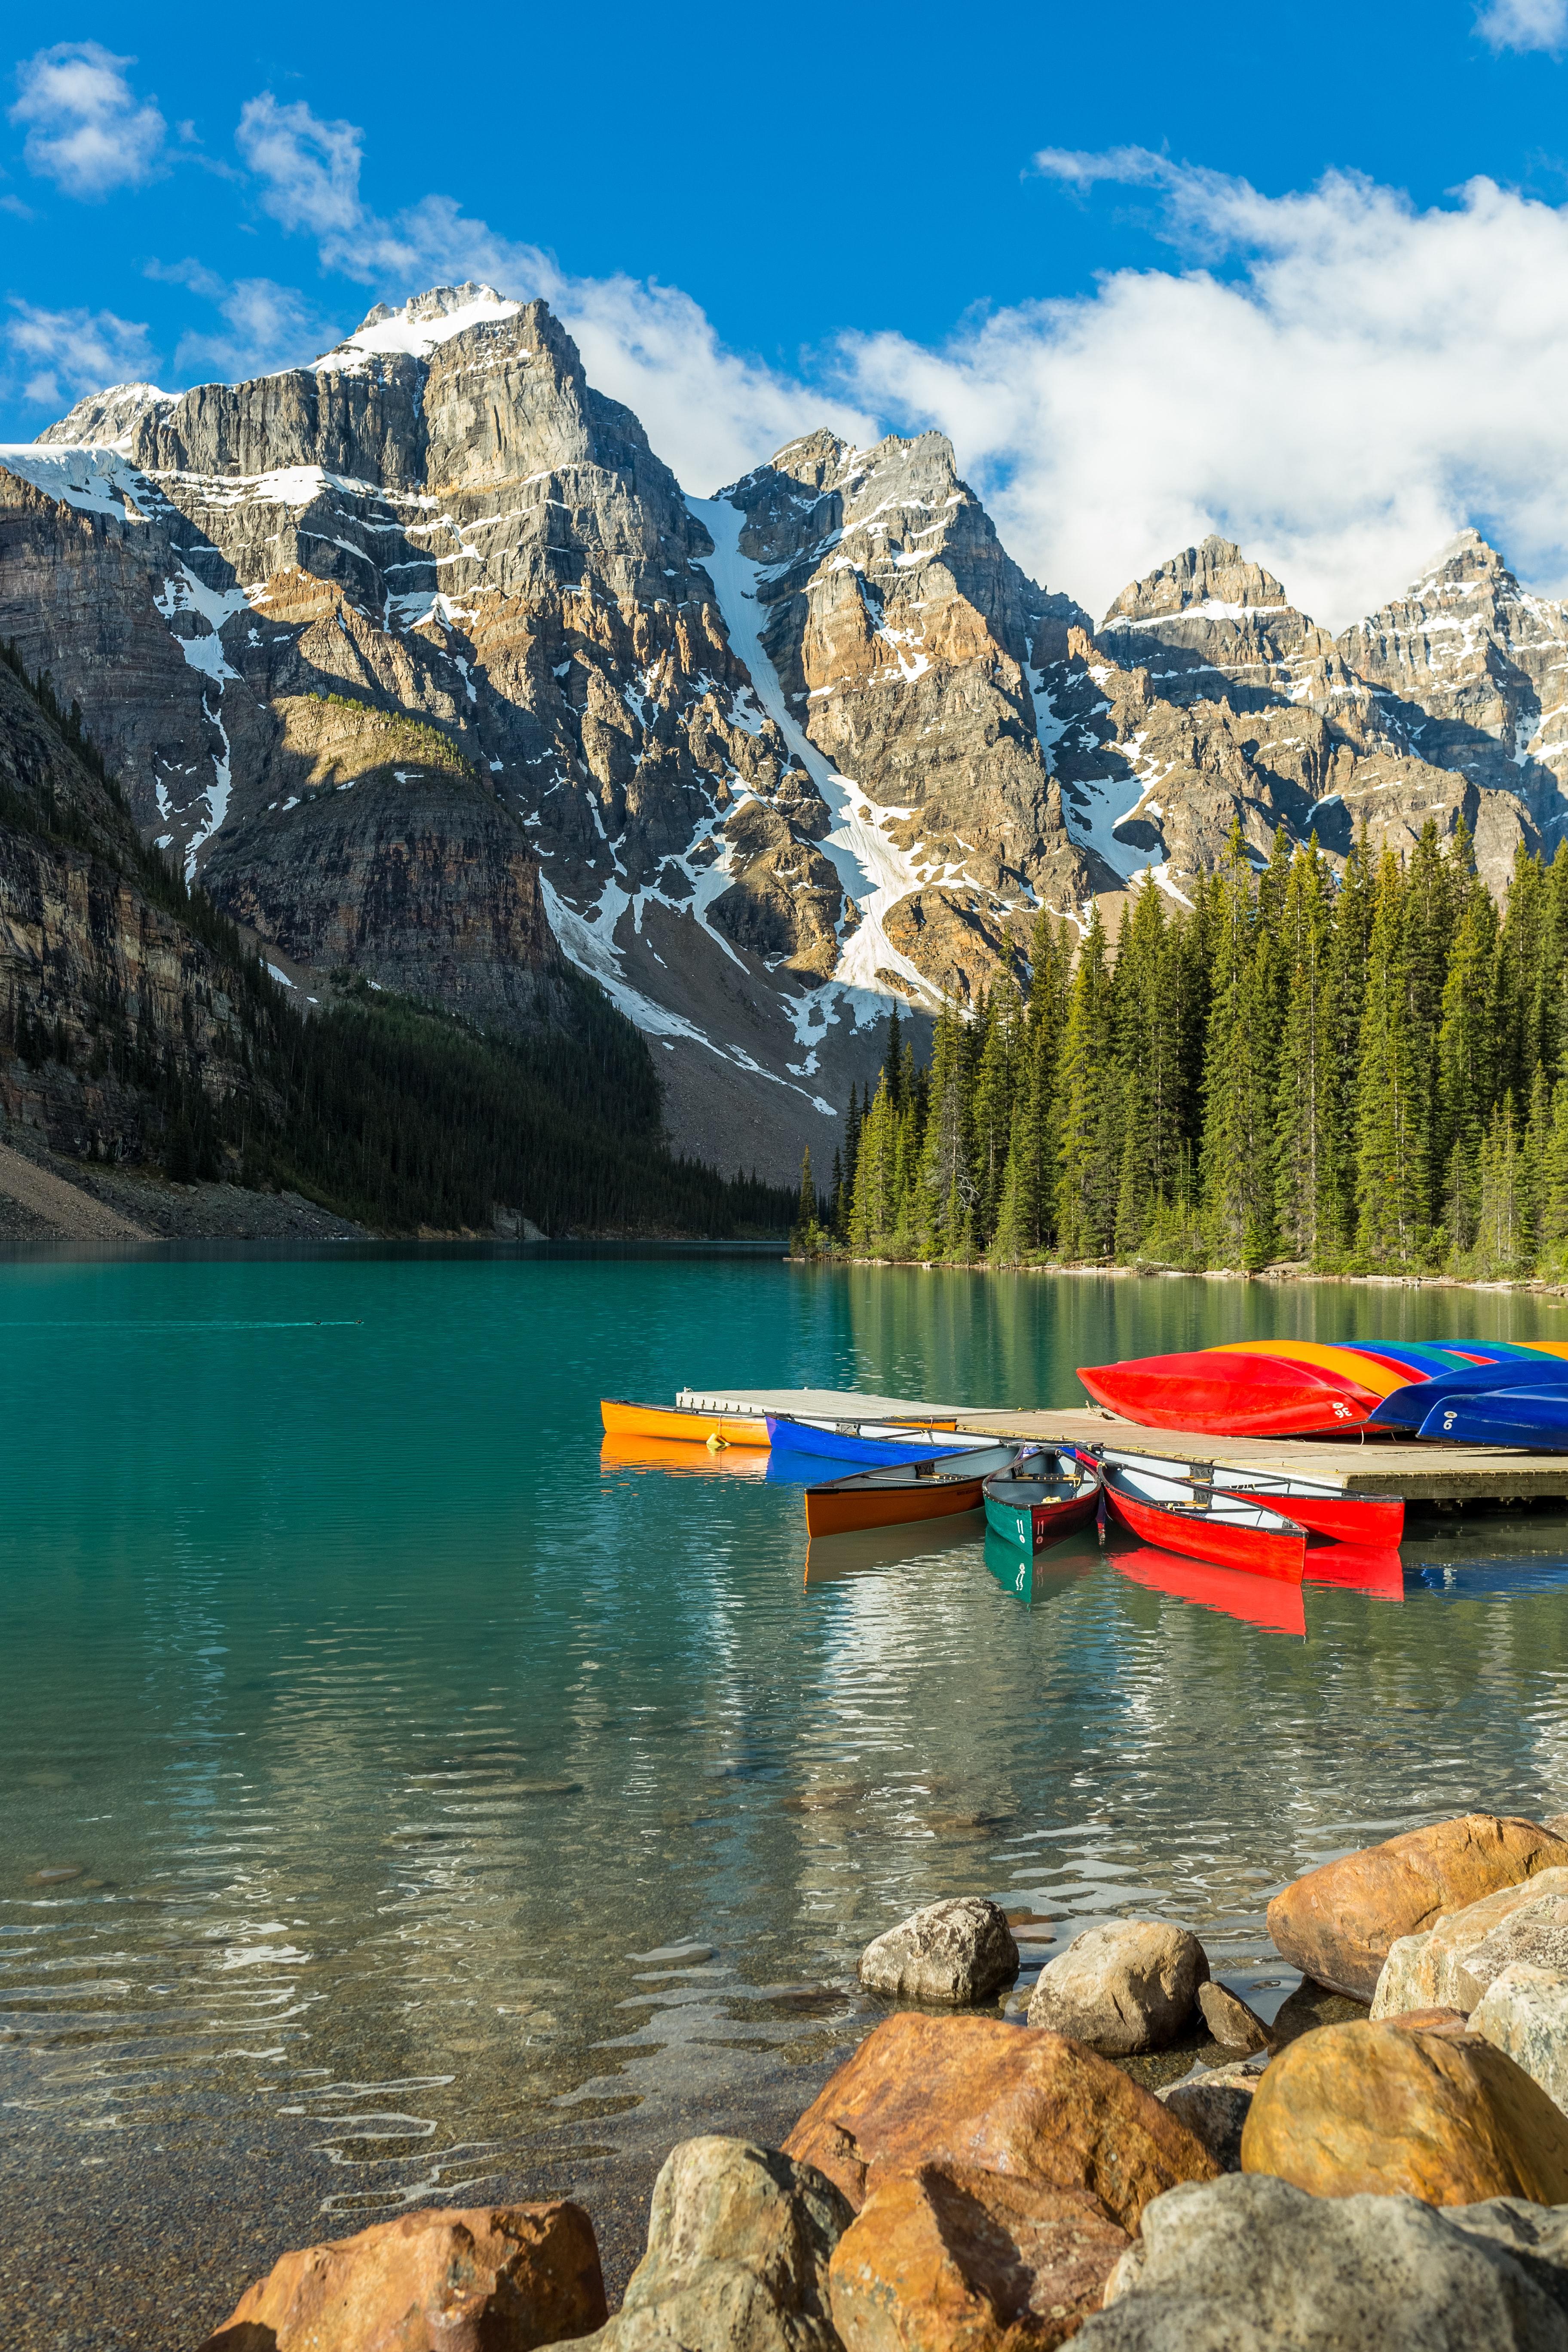 152156 Заставки и Обои Лодки на телефон. Скачать Природа, Лодки, Вода, Лес, Горы картинки бесплатно